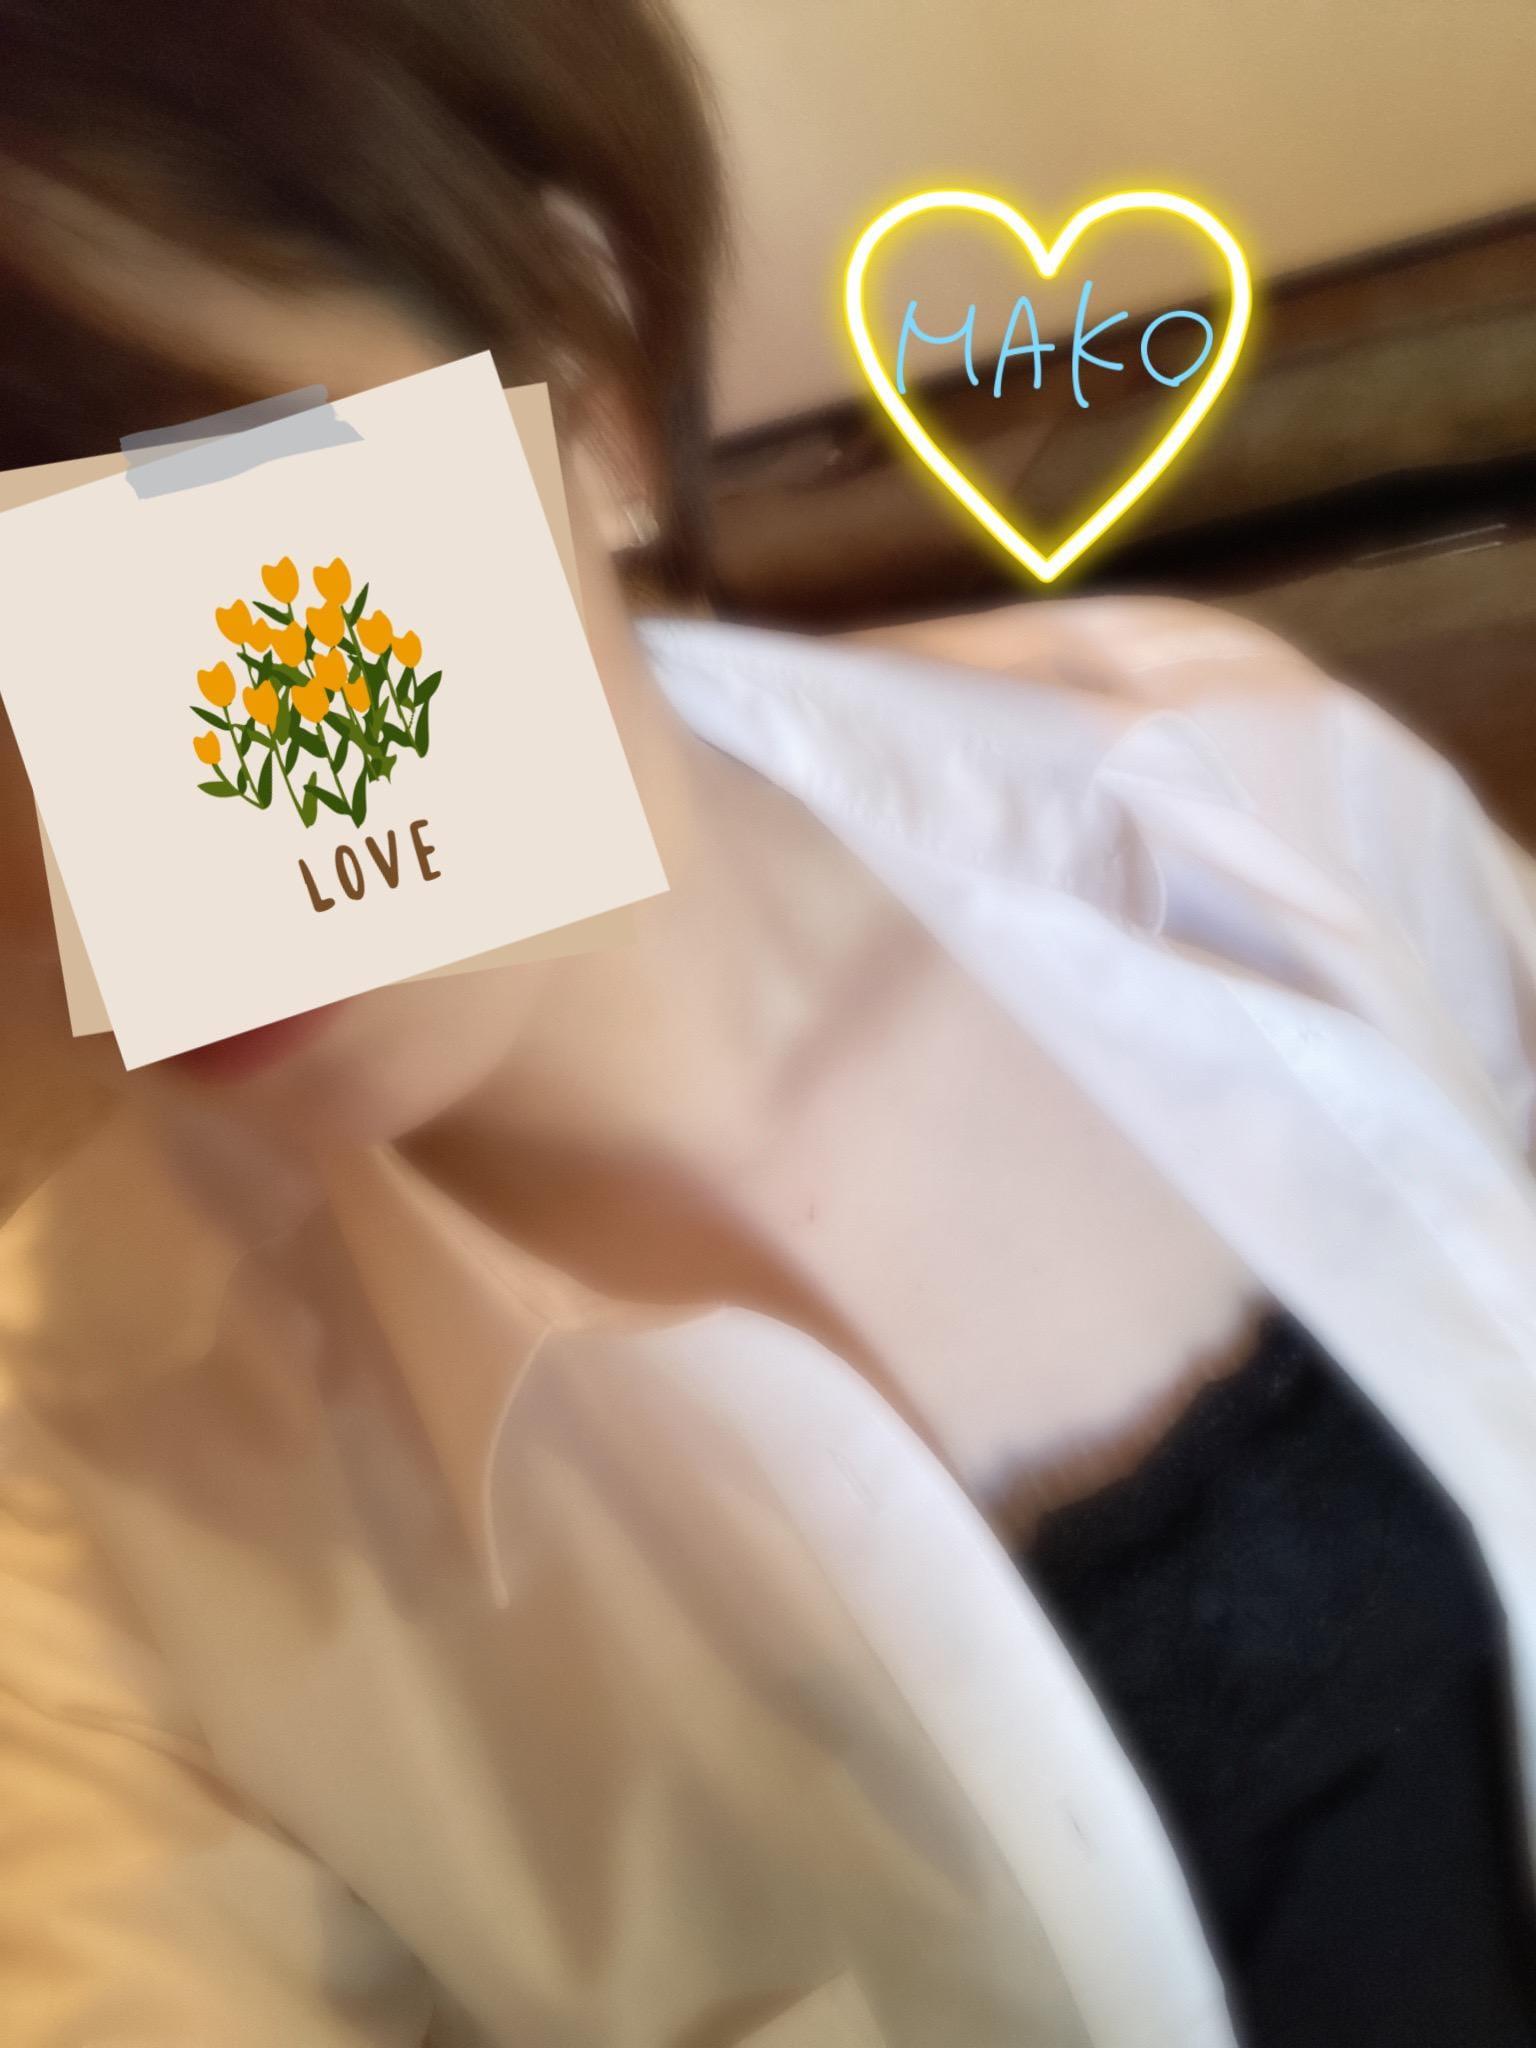 「ひさしぶりに( ๑⃙⃘ˊᵕˋ๑⃙⃘ )」07/23(金) 18:53 | 麻湖(まこ)-RIDGEの写メ日記